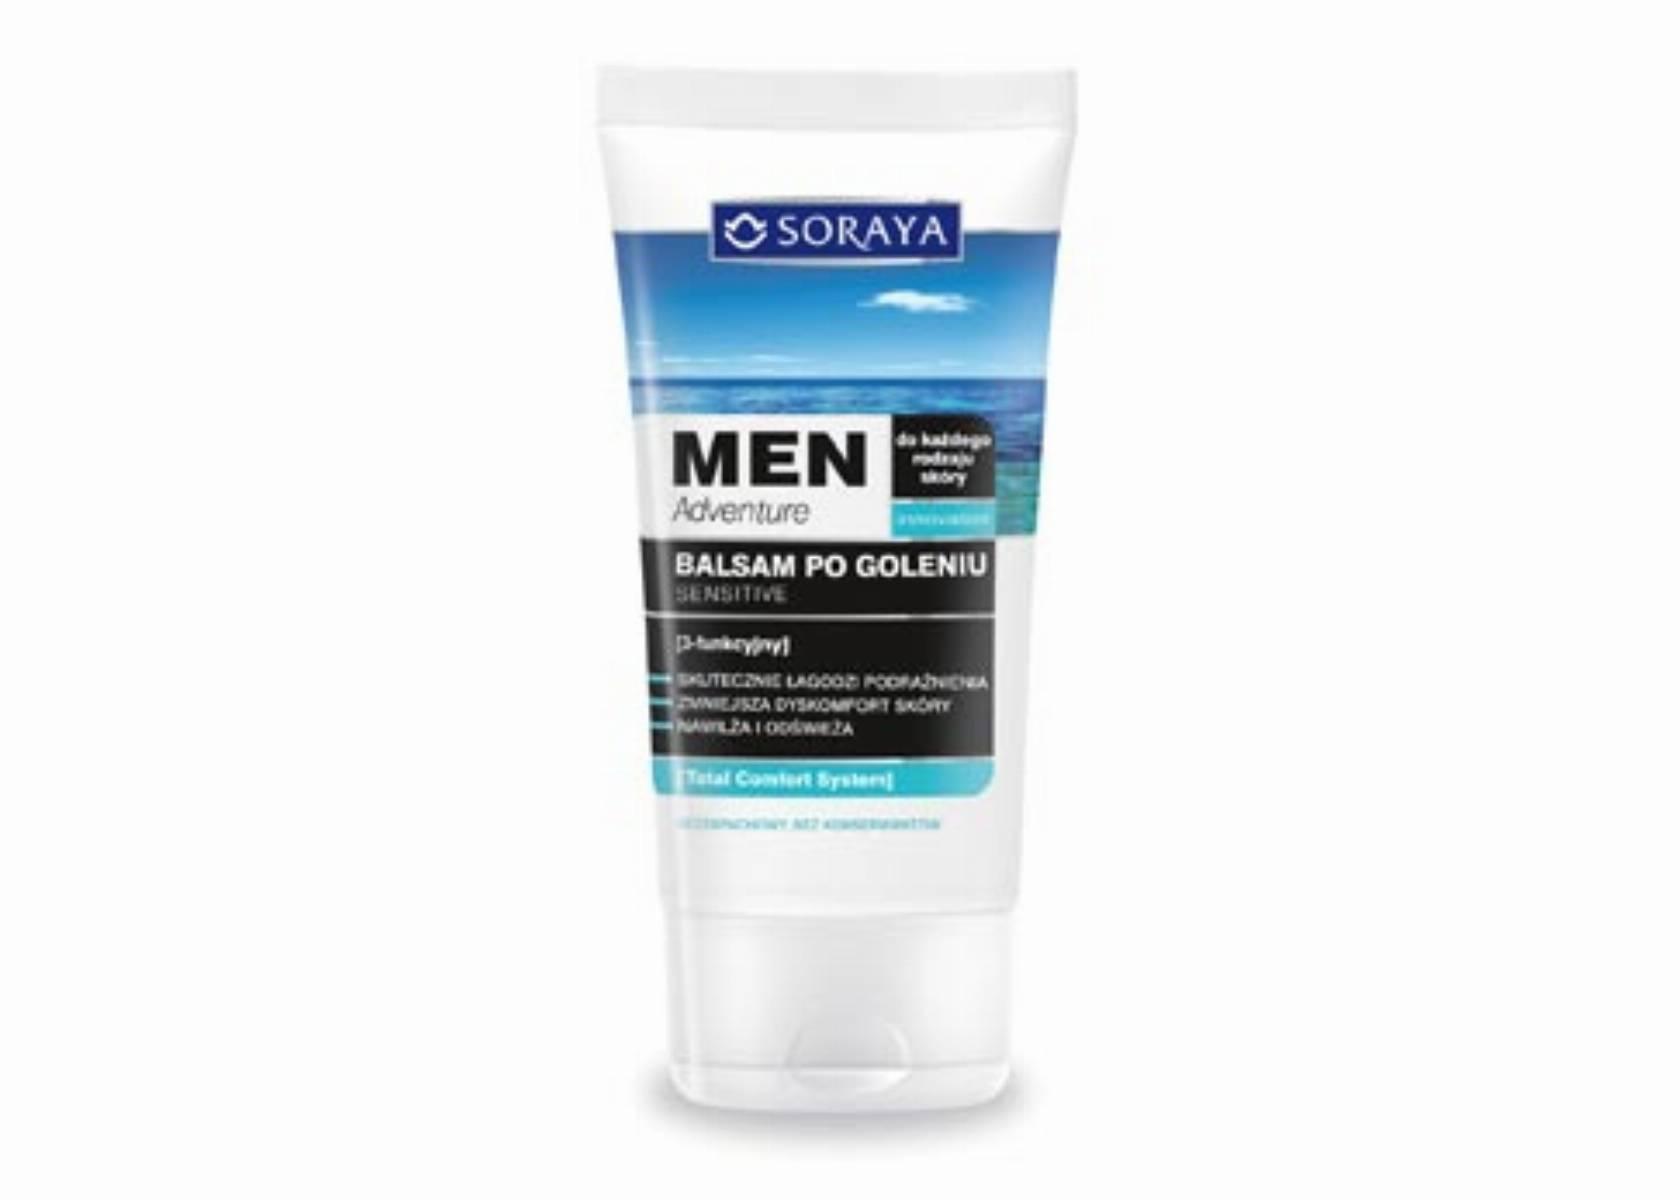 Soraya Men Adventure Balsam po goleniu Sensitive